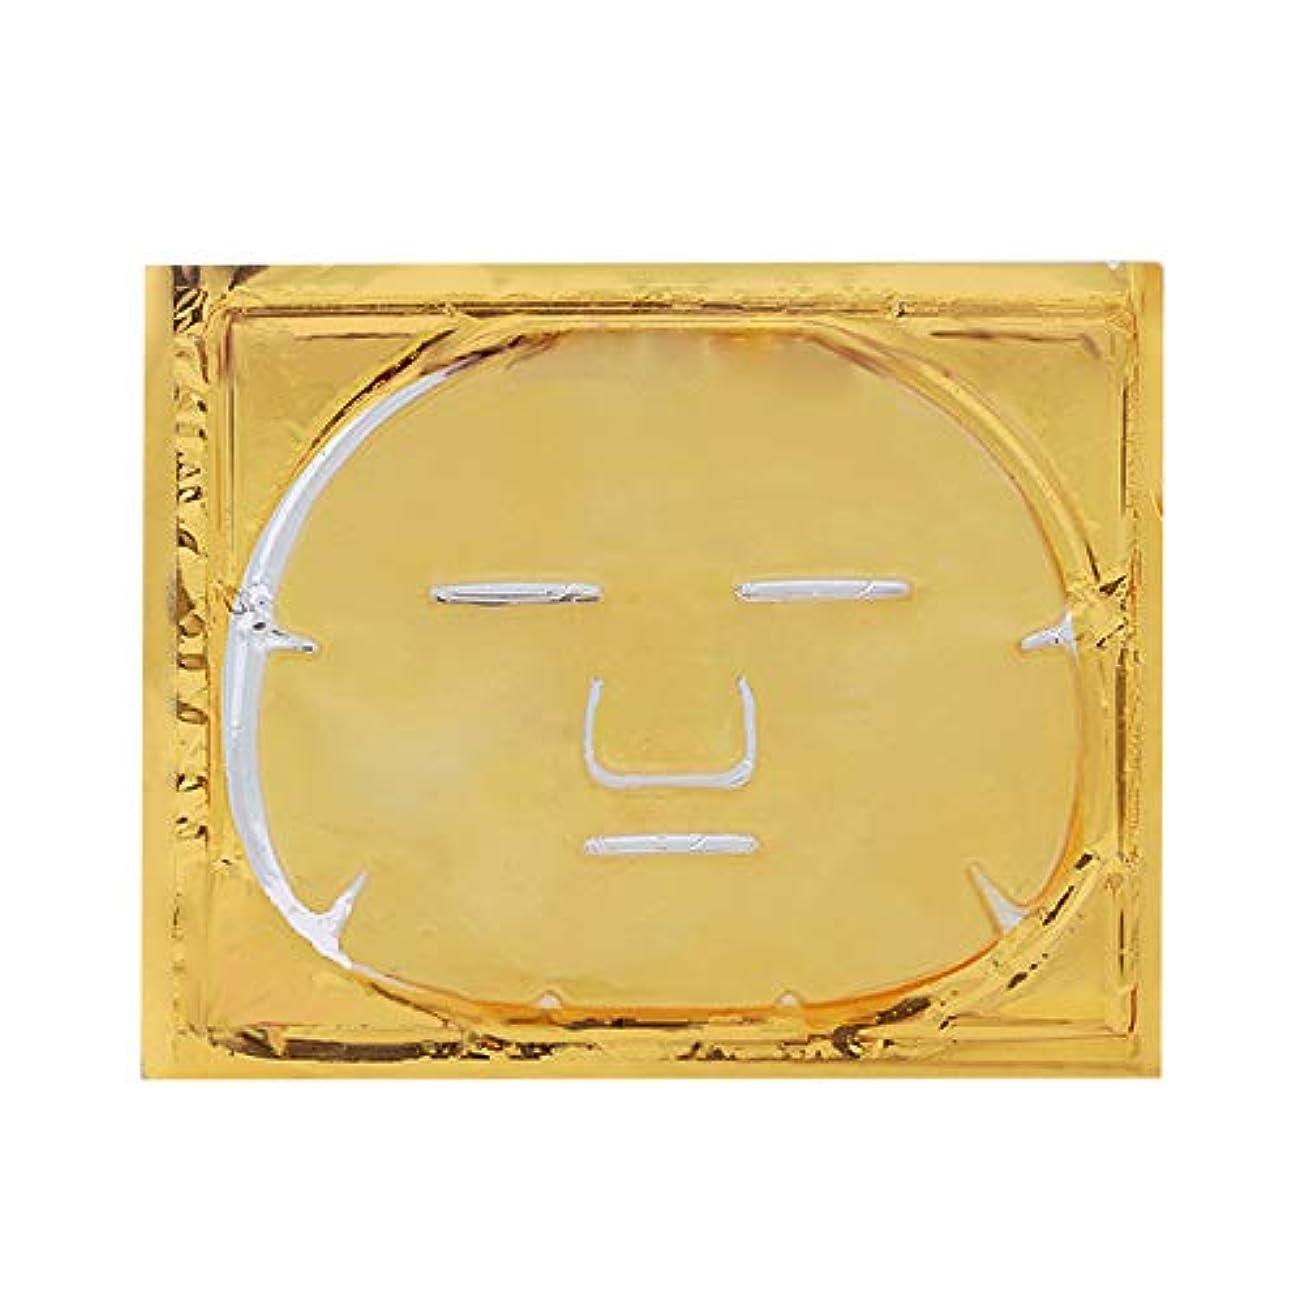 復活上下する化合物TOOGOO ゴールド ゲル コラーゲン 水晶フェイシャル?マスク シート パッチ アンチエイジング、美白、むくみ、しわ、保湿、深部組織の若返りと水分補給用